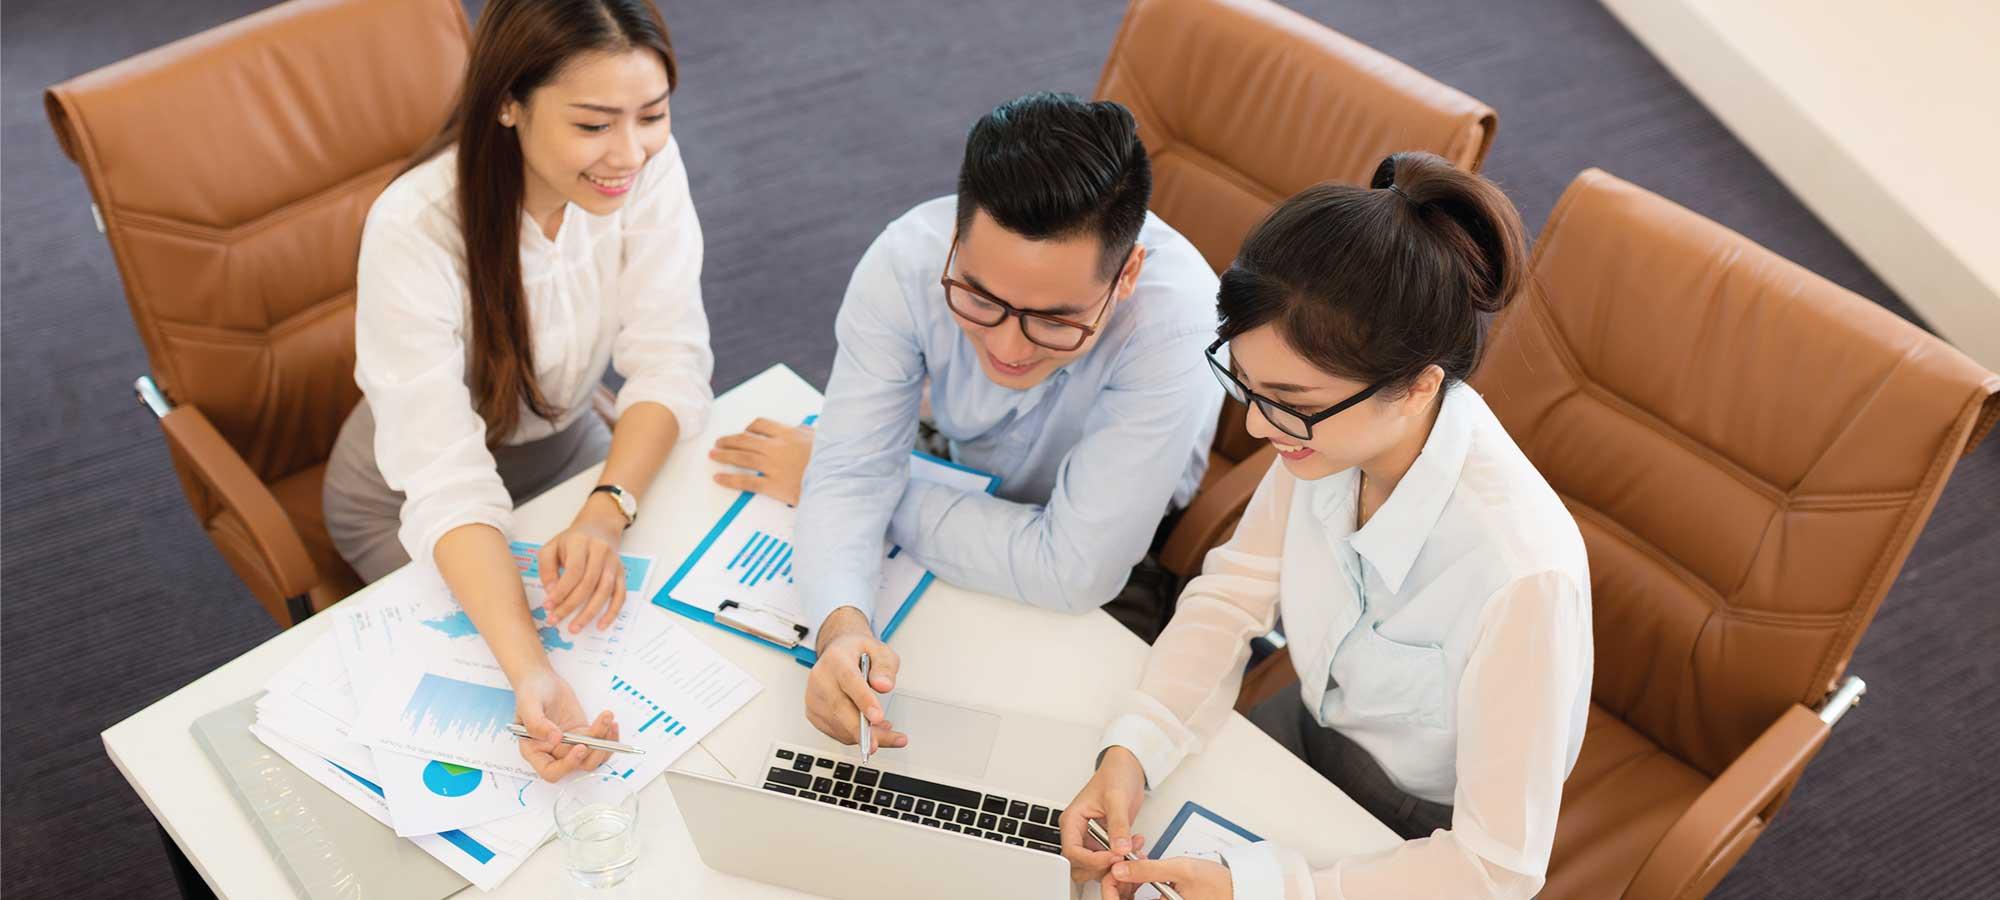 Coworking Space Sewa Perkantoran Laporan Keuangan